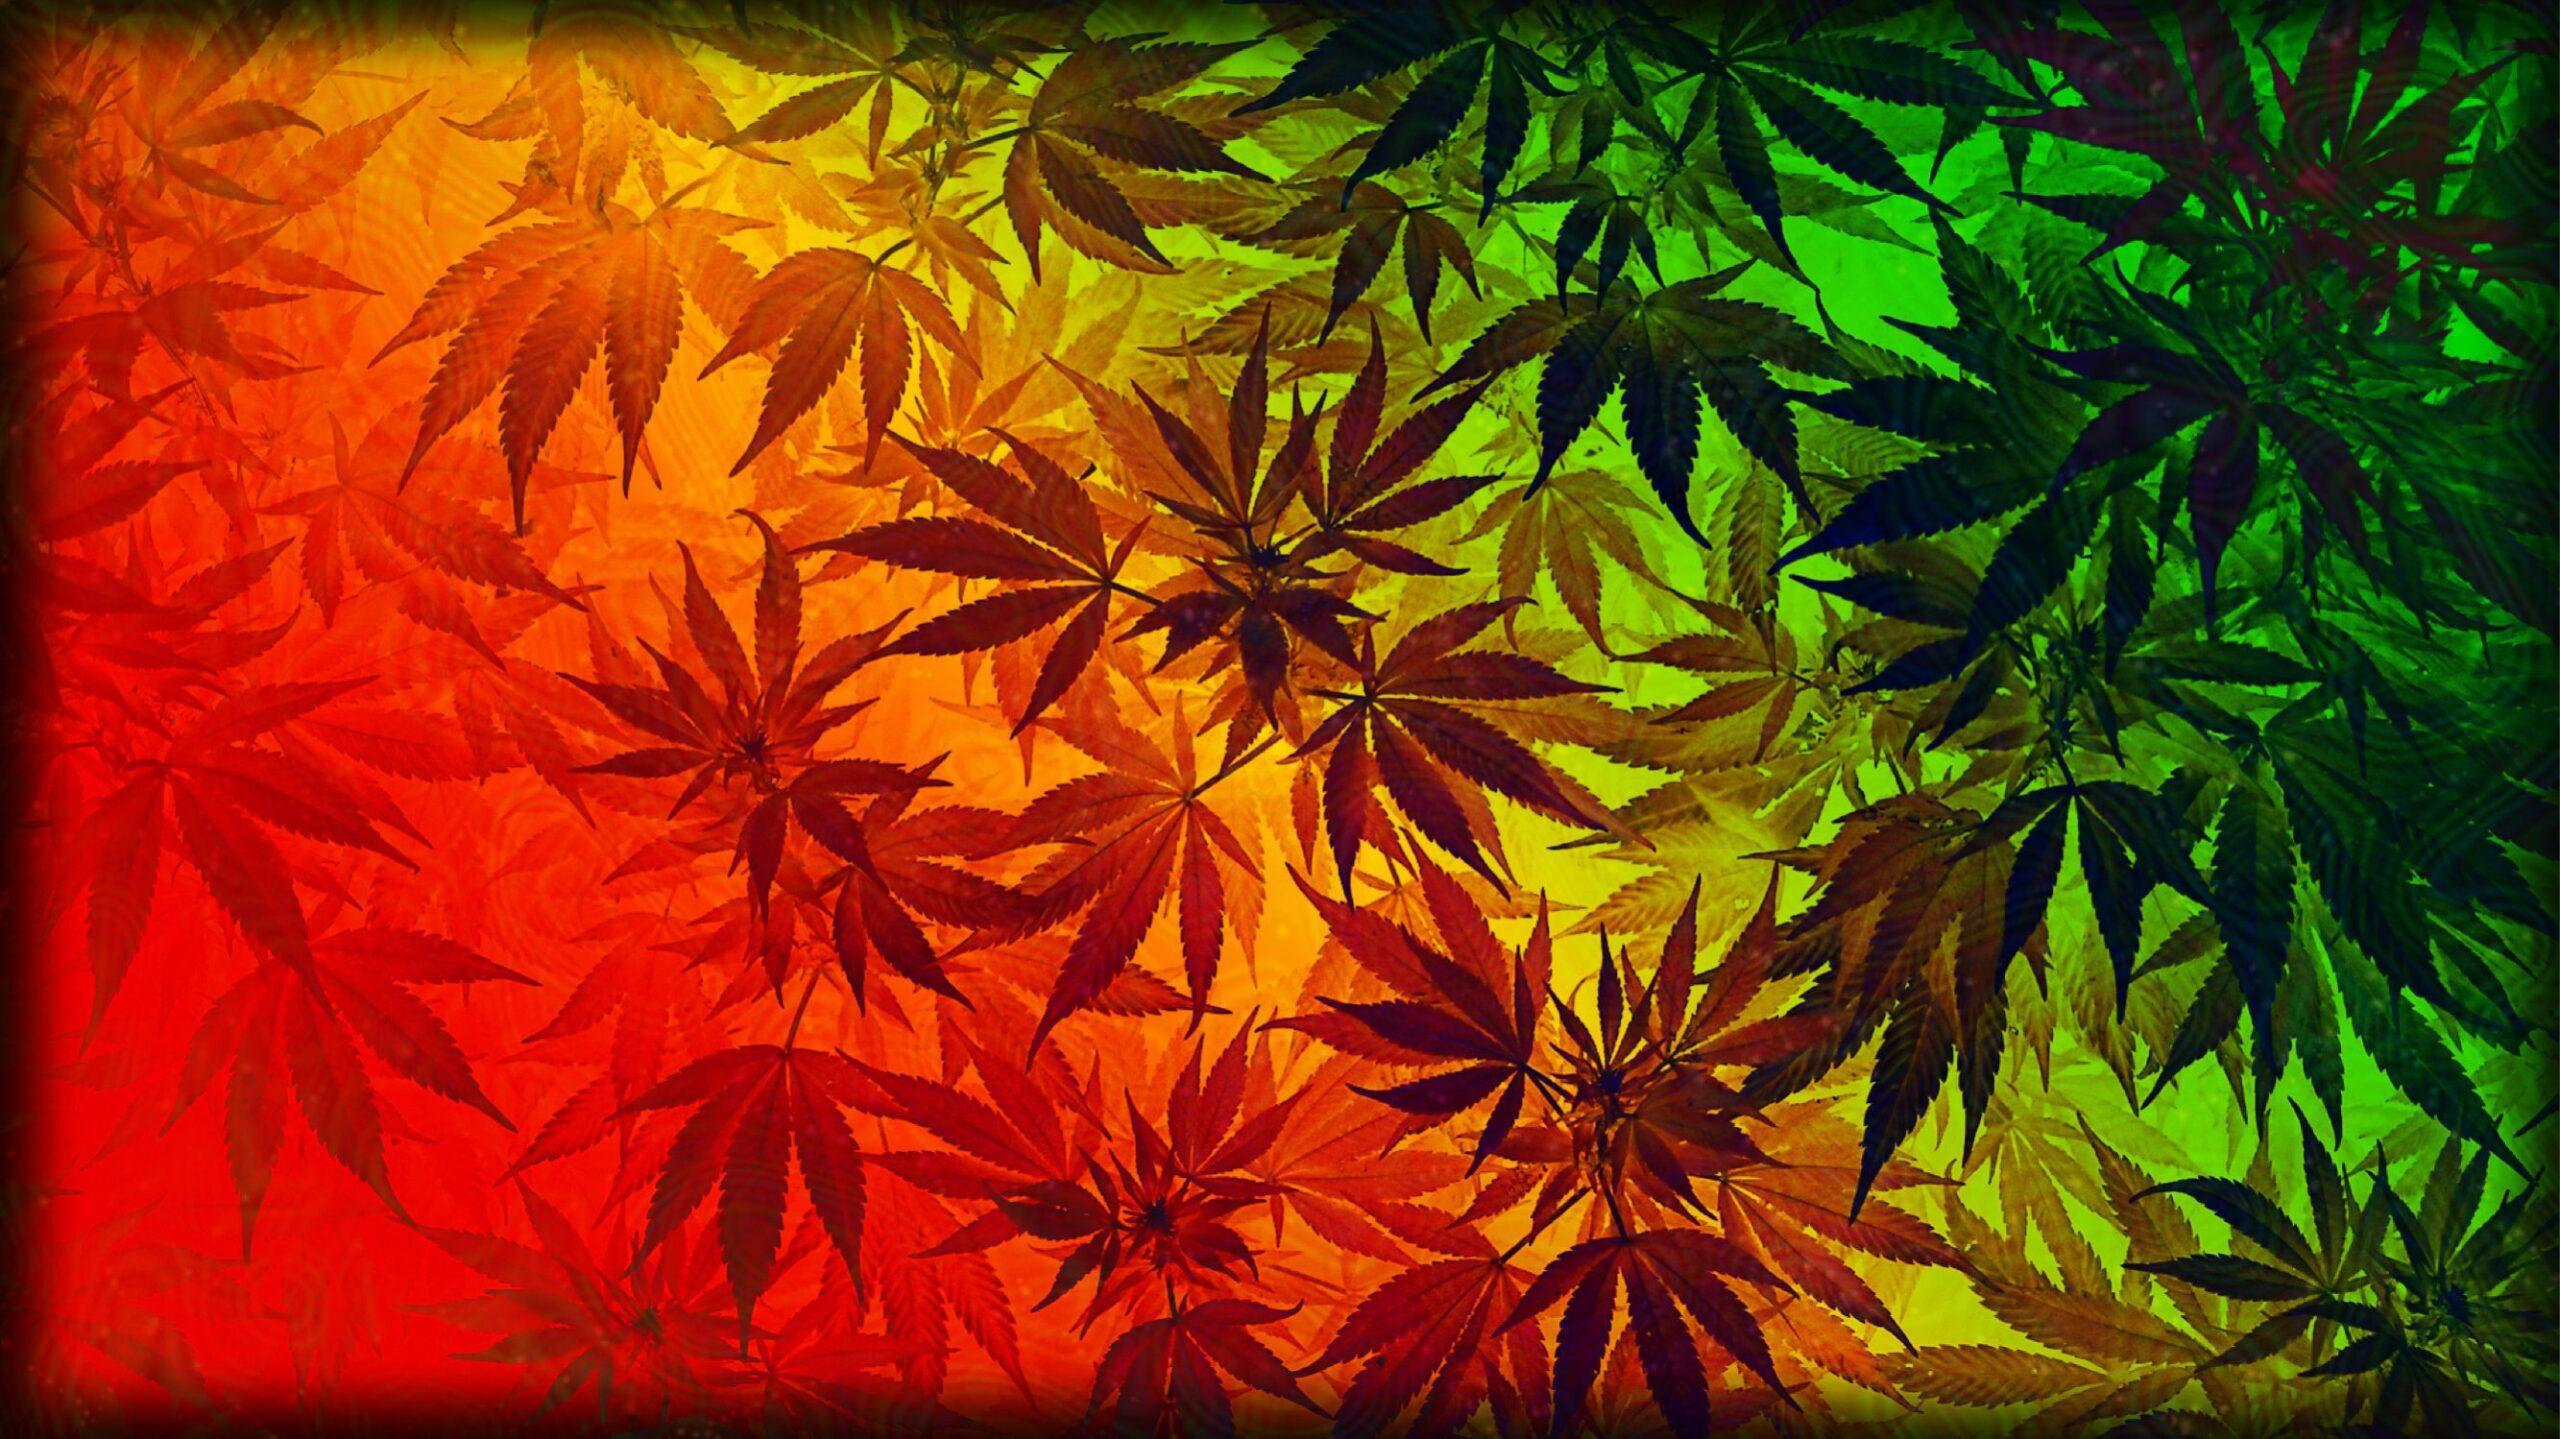 hd weeds wallpaper